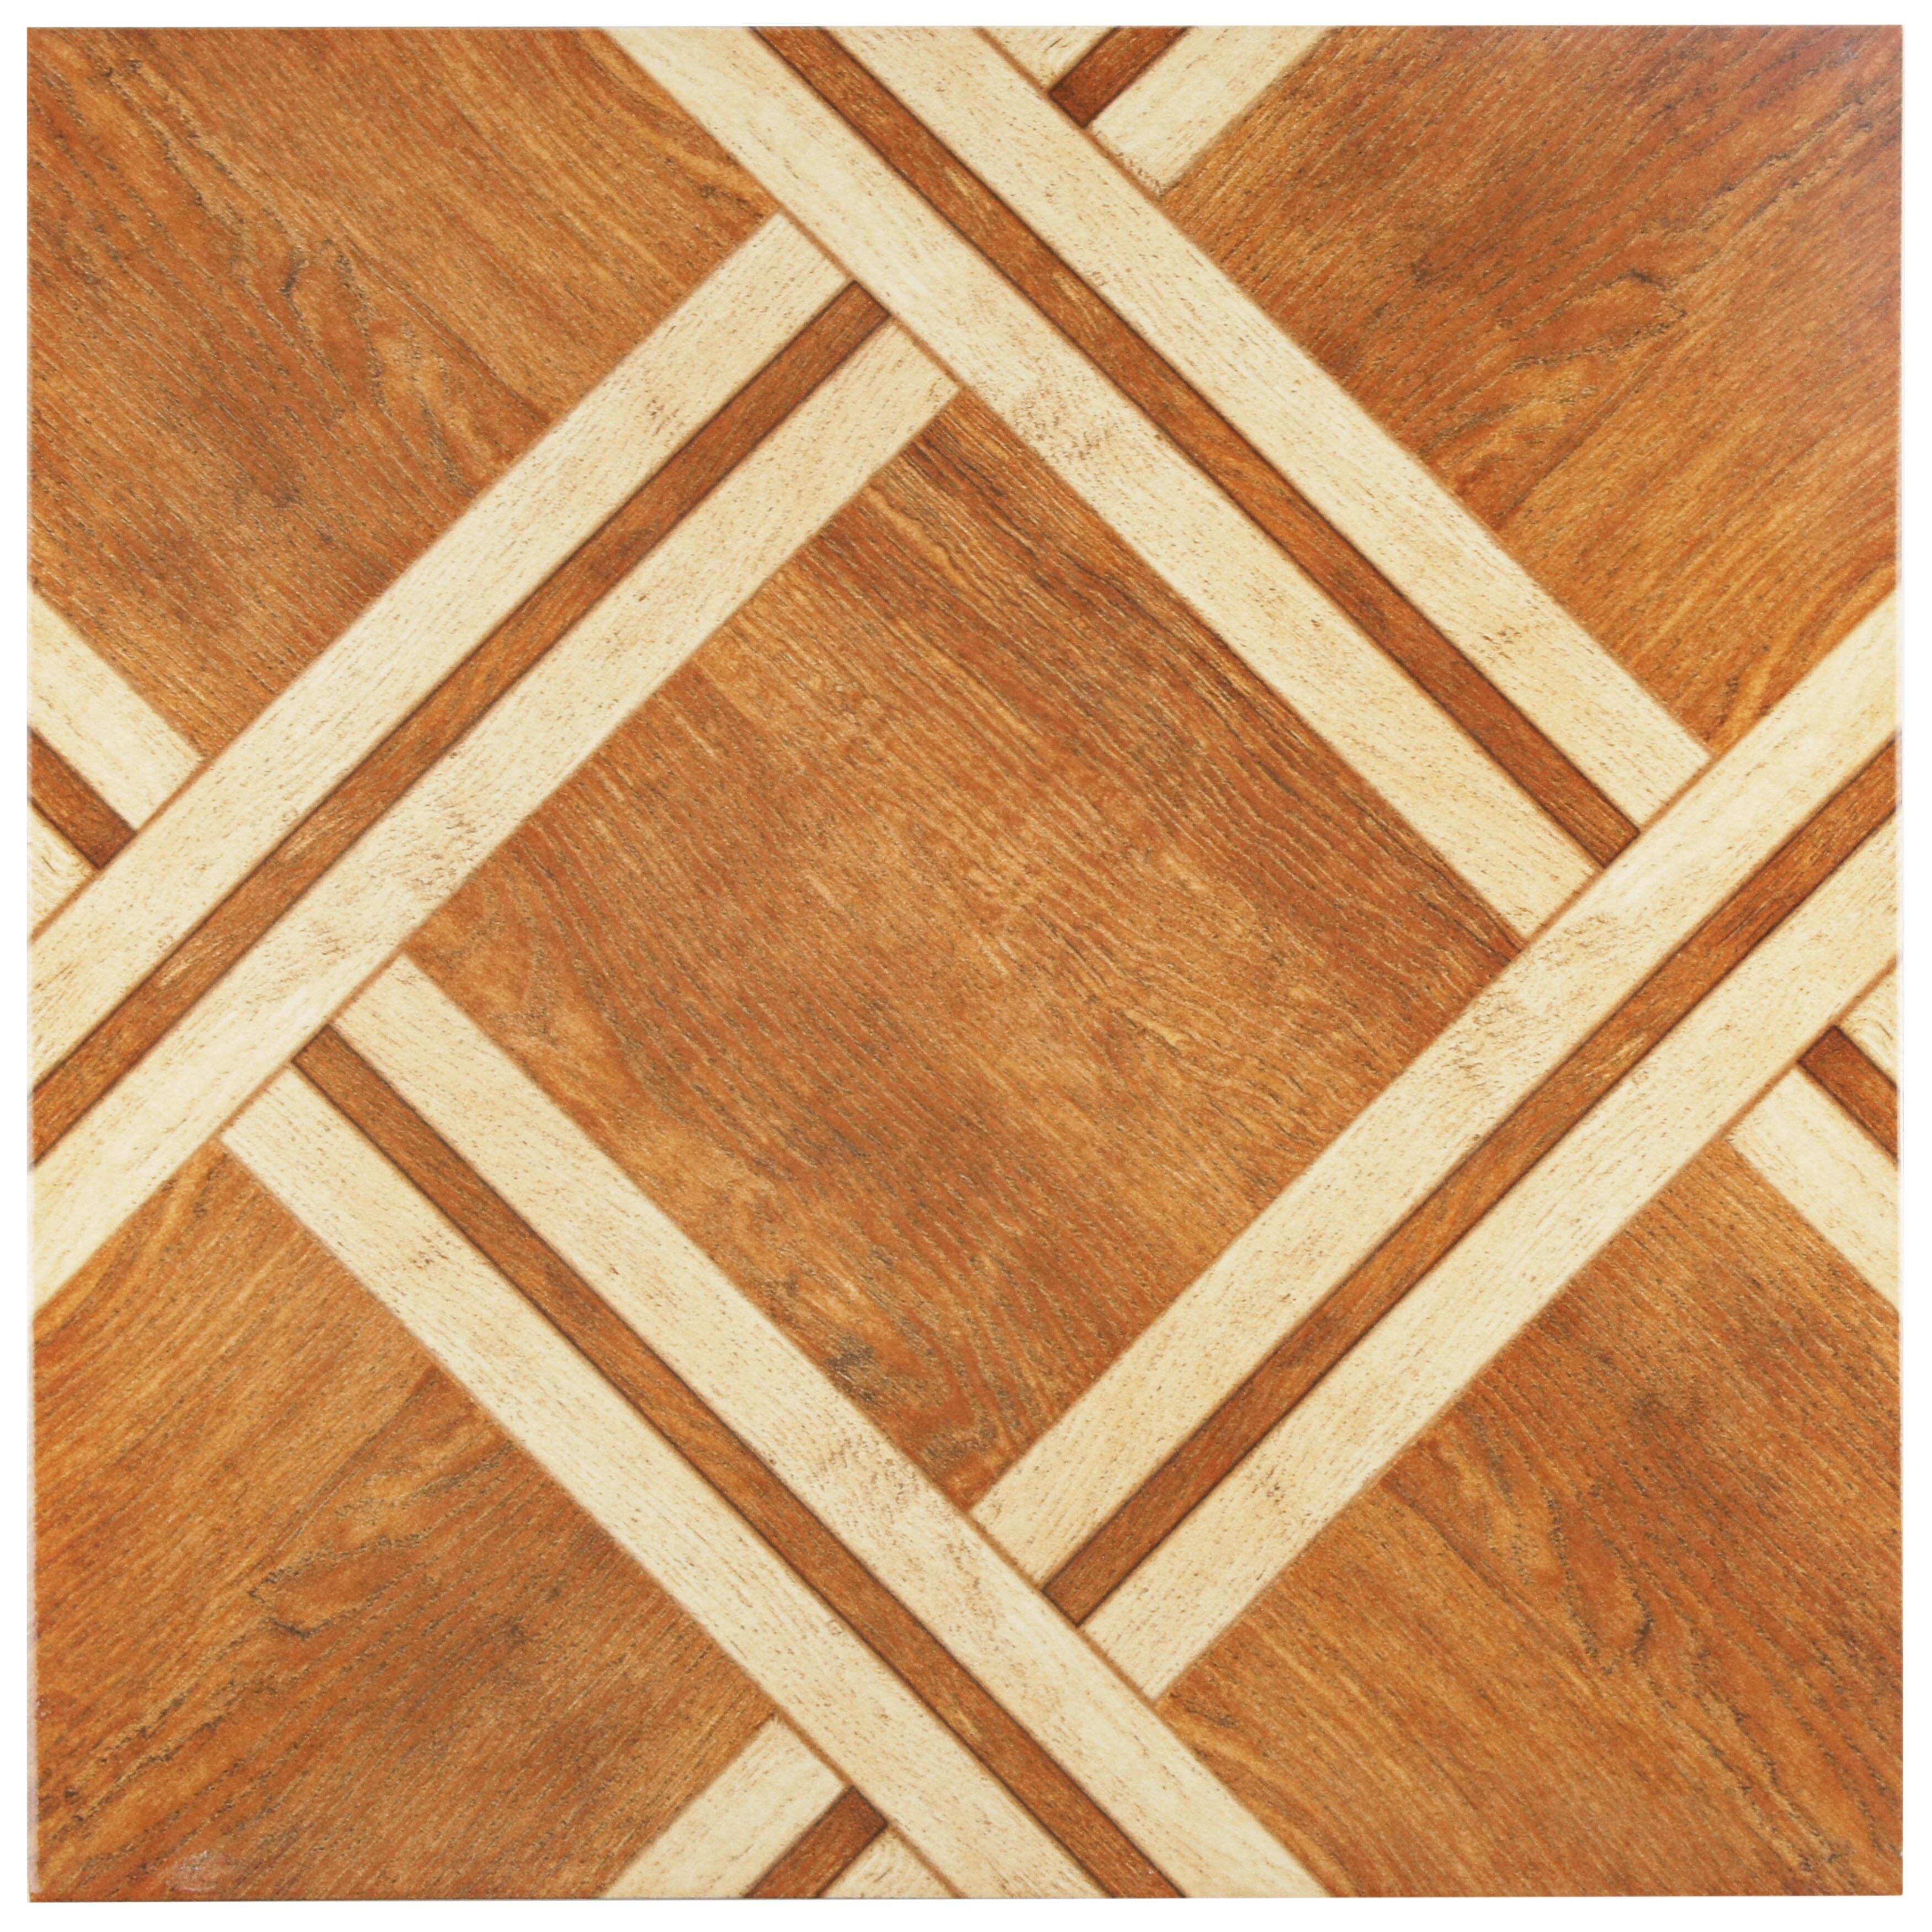 ceramic wood look tile reviews